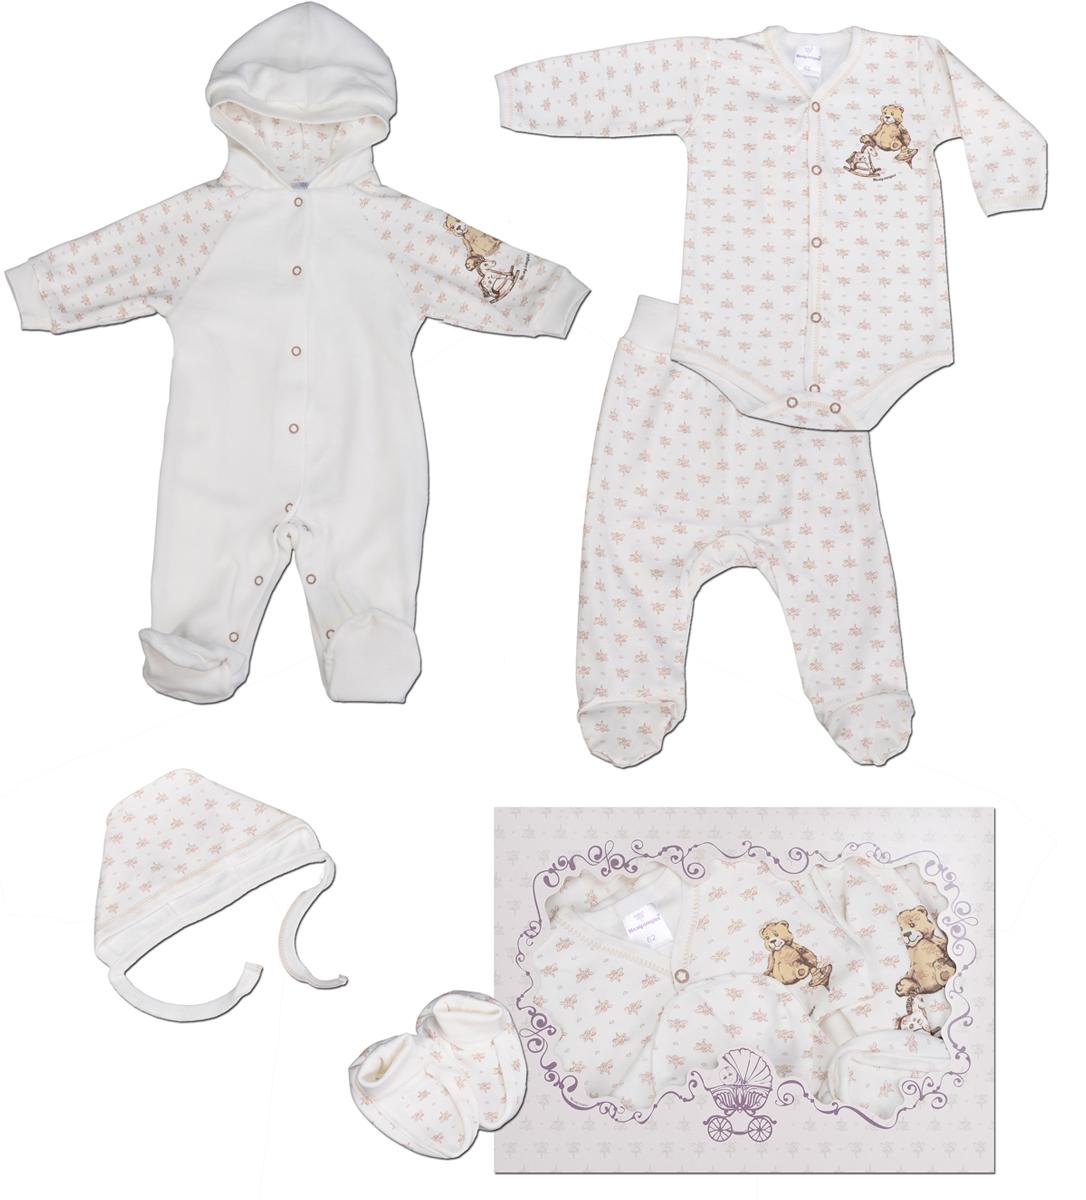 Комплект одежды детский Мамуляндия, цвет: бежевый, 5 предметов. 15-5003П. Размер 62 комплекты детской одежды мамуляндия комплект одежды игрушки 15 5003п 5 предметов